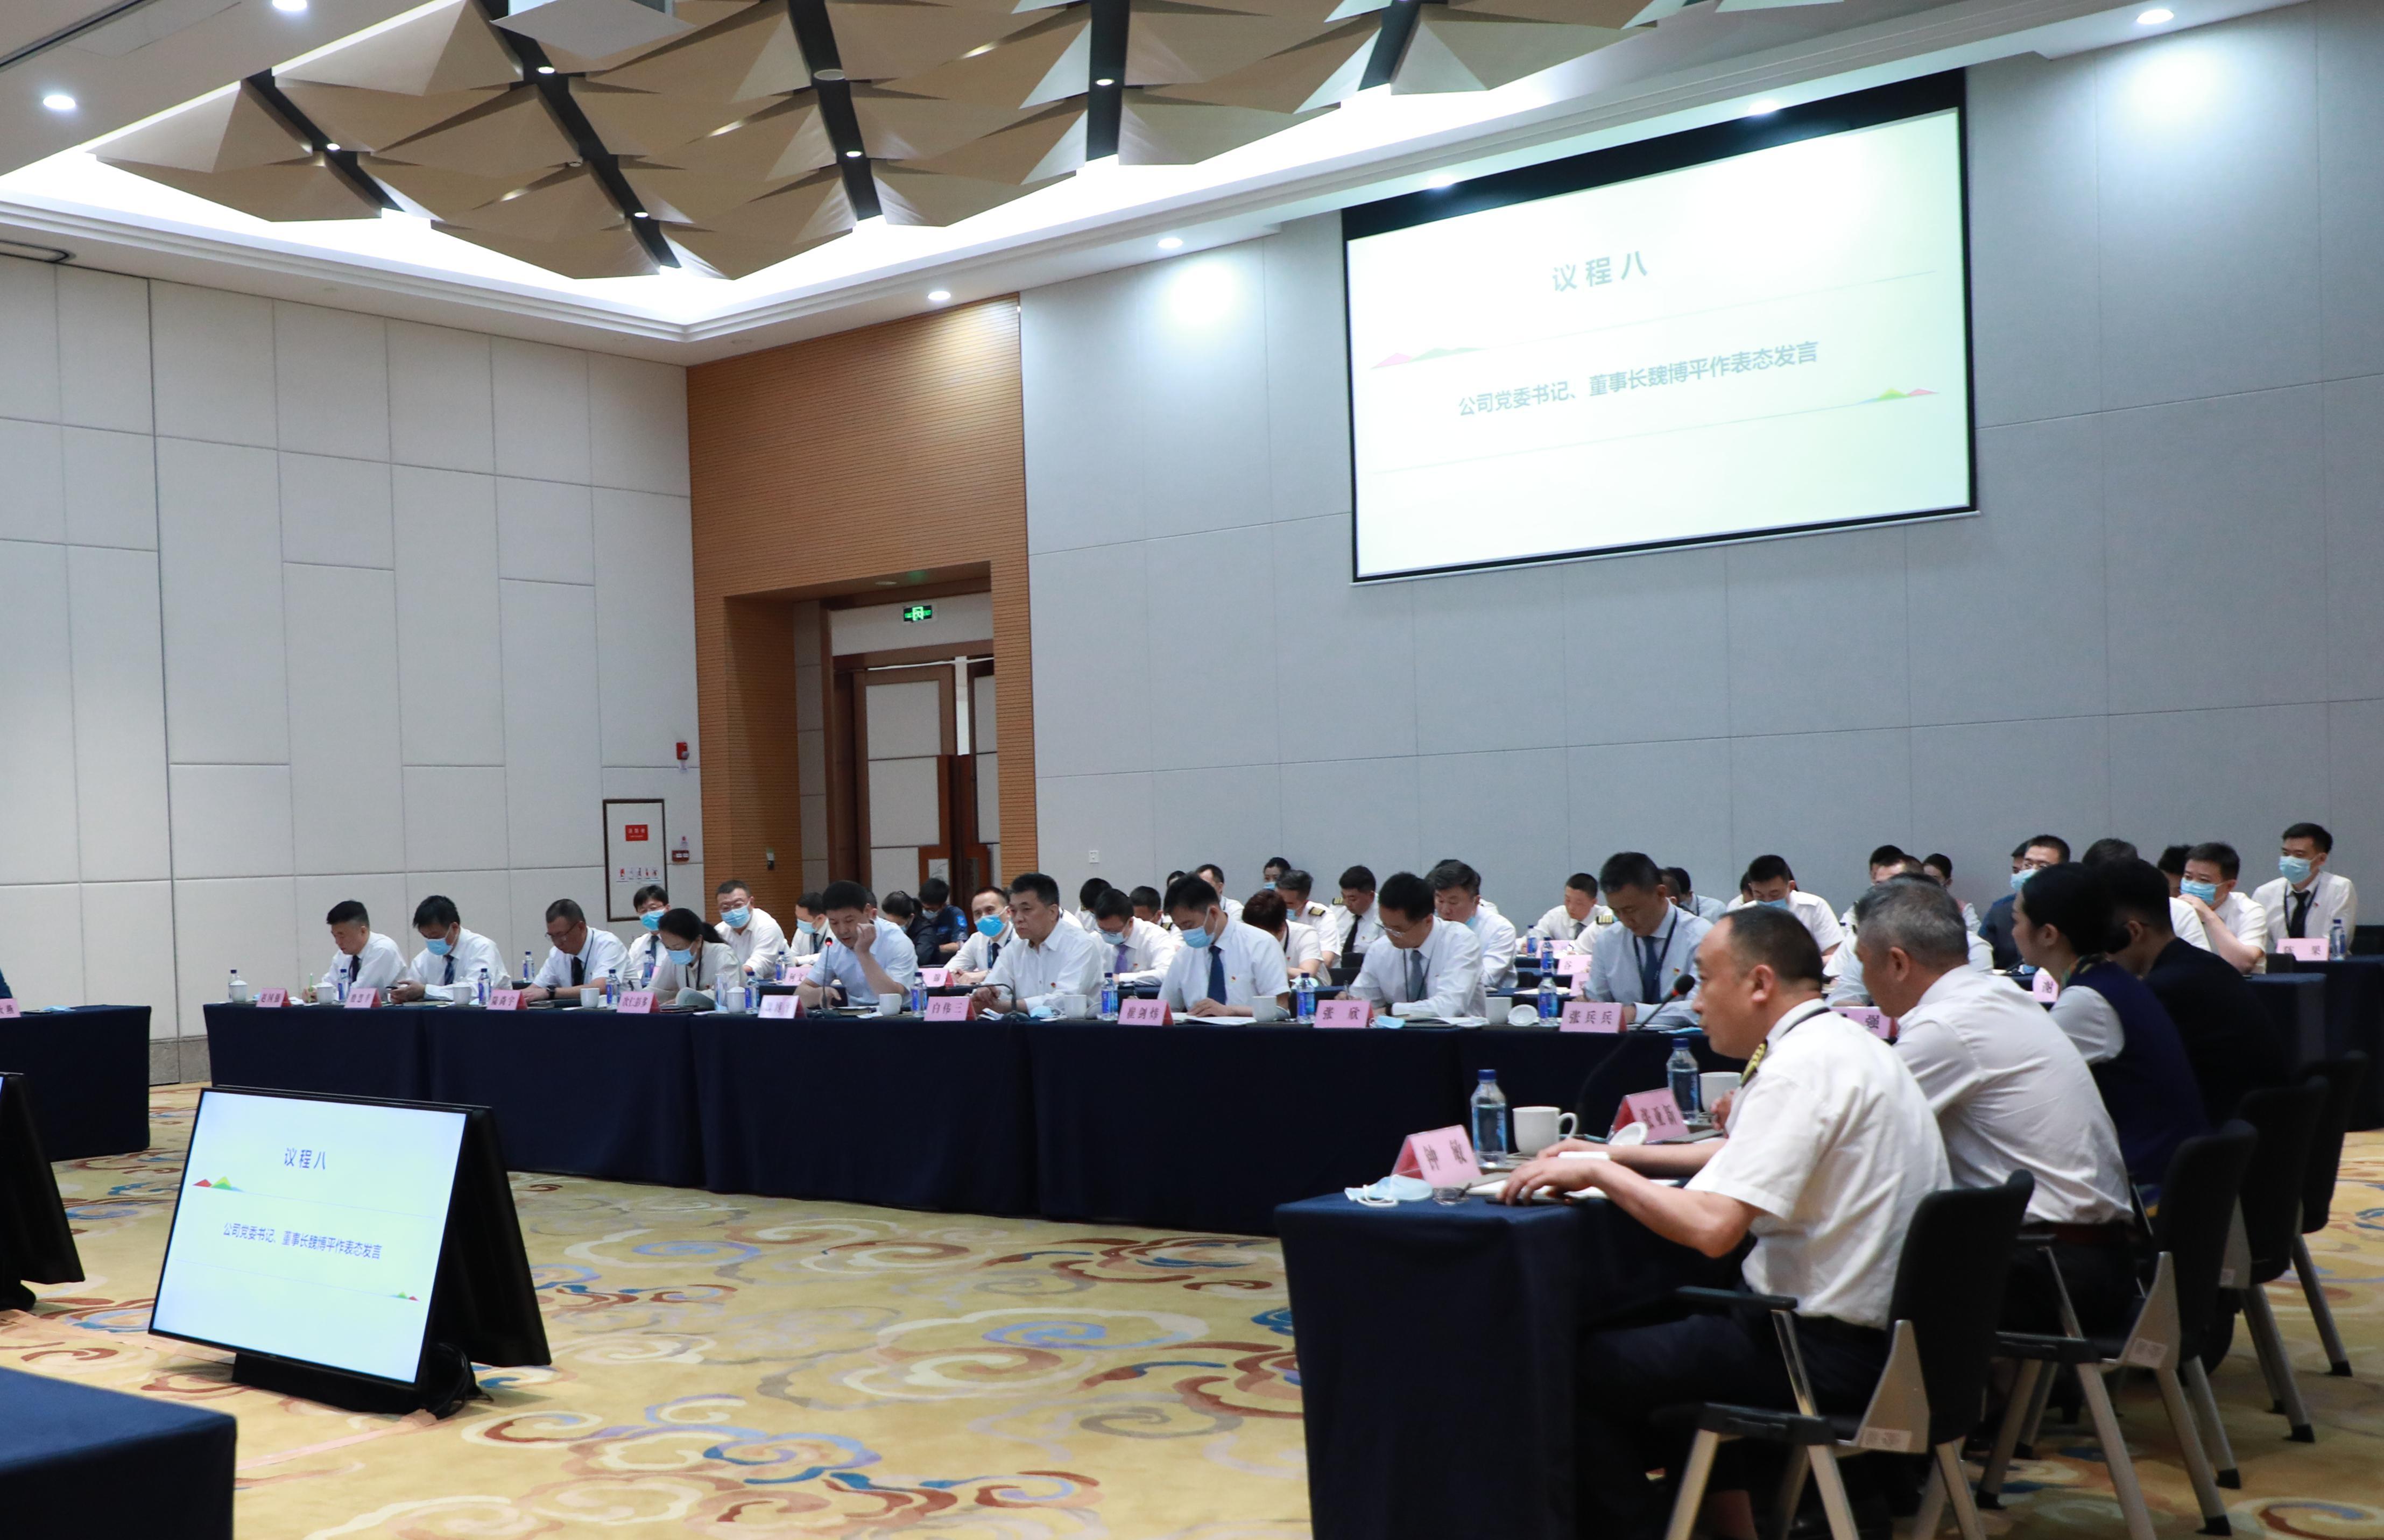 西藏自治区政府副主席王勇赴西藏航空调研指导工作